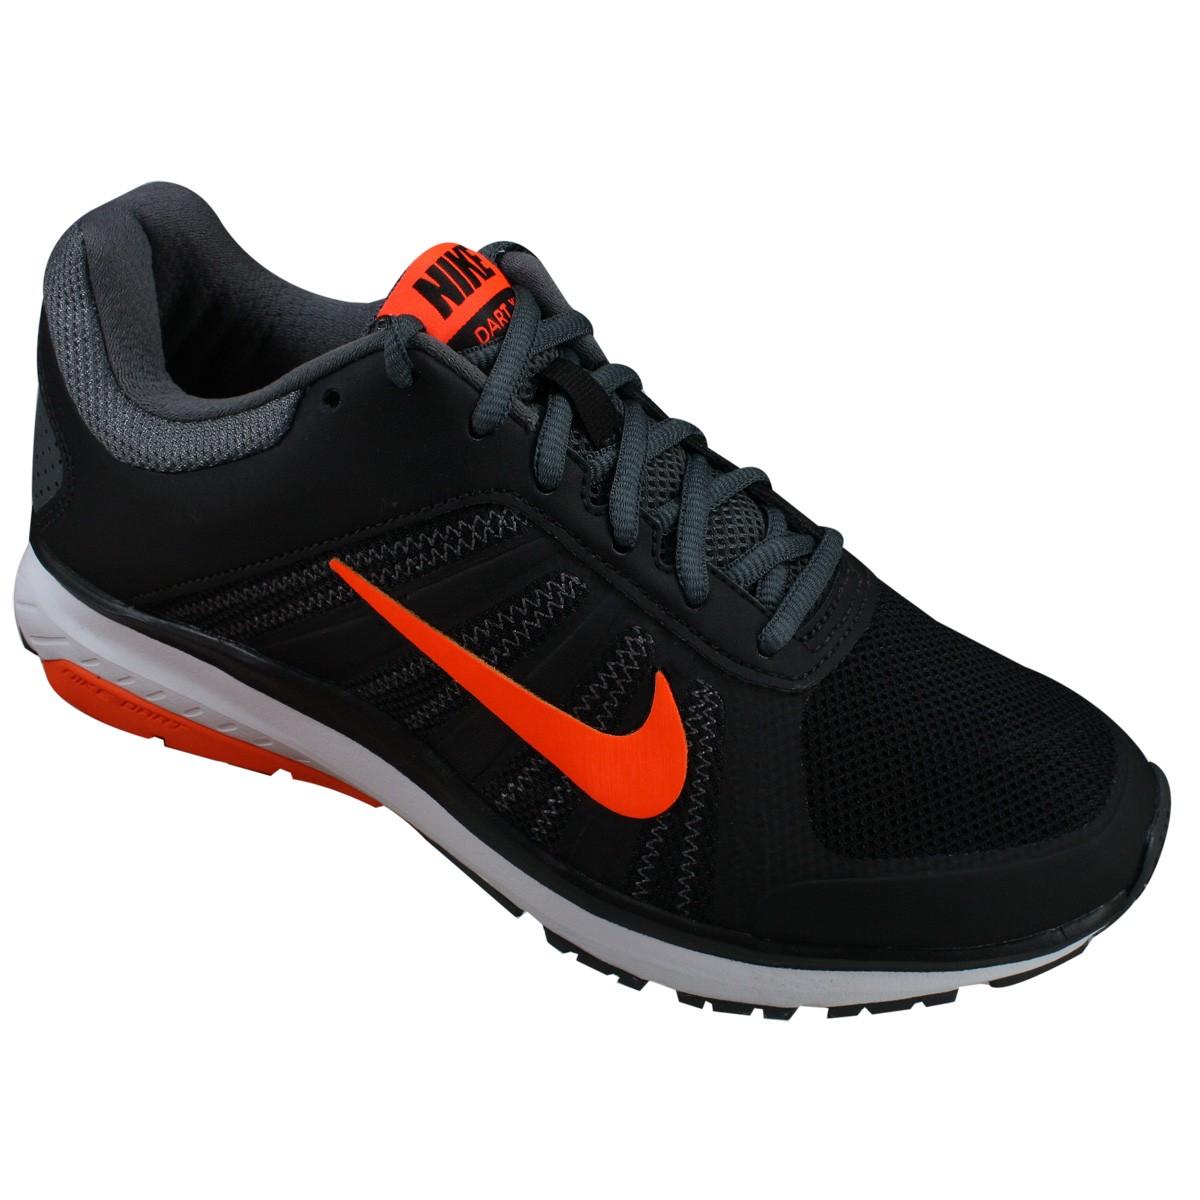 350e2031a4 Tênis Nike Dart 12 MSL 831533-009 - Preto Laranja - Calçados Online ...